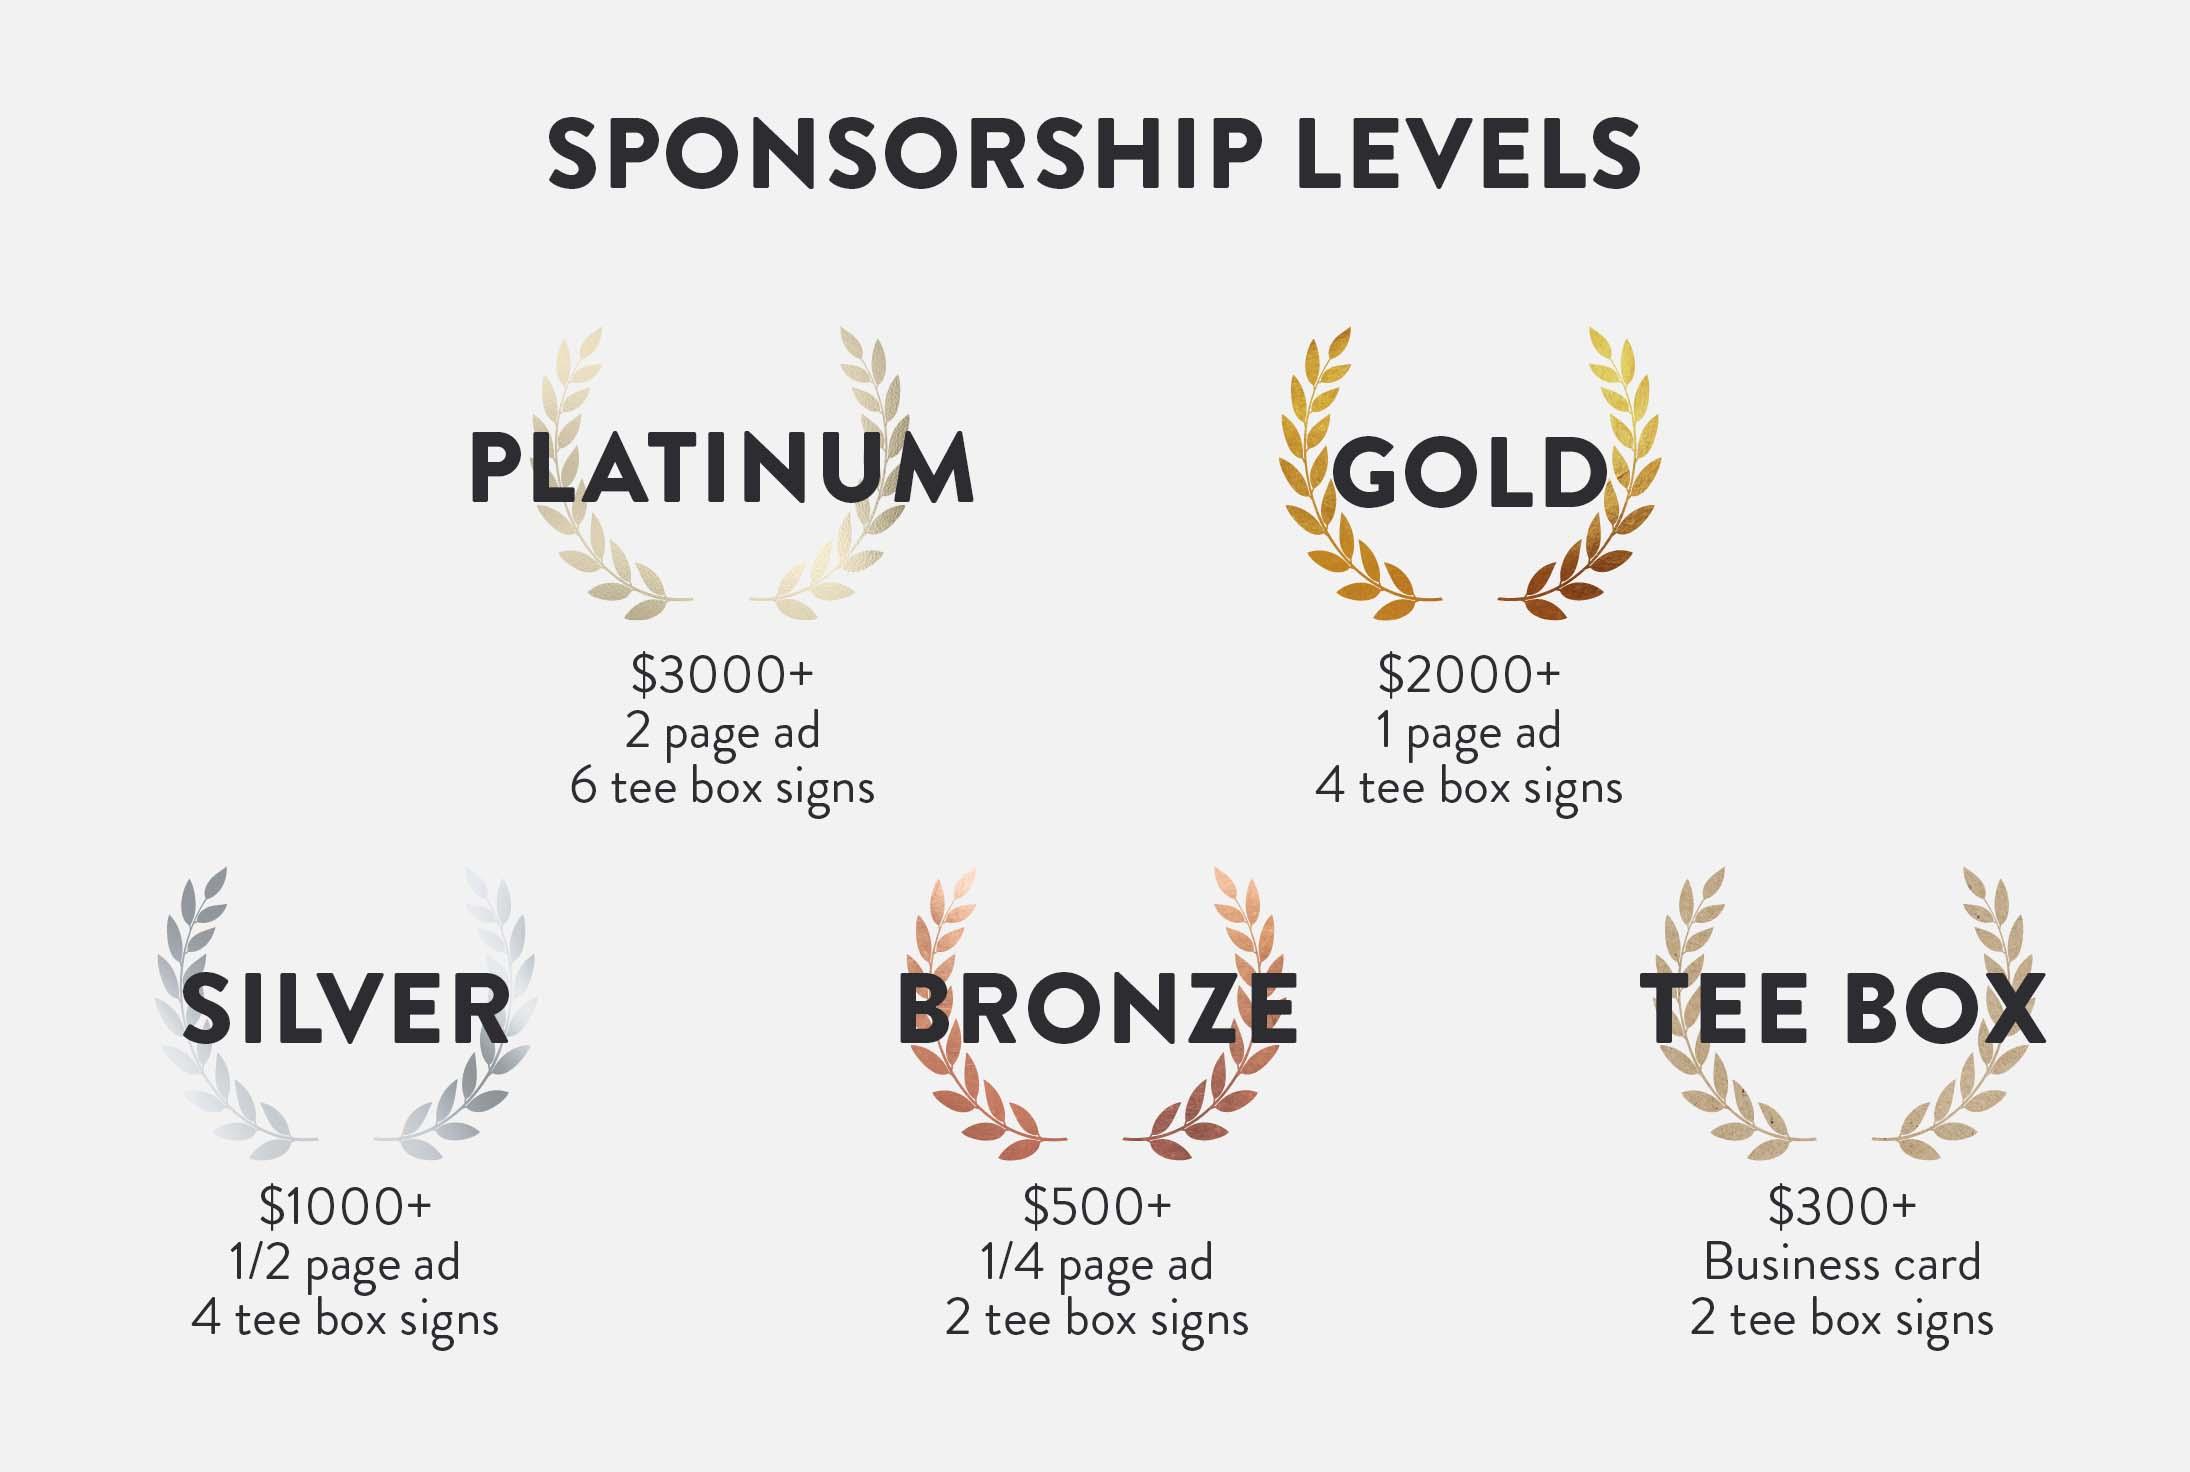 KDSF Sponsorship Levels.jpg